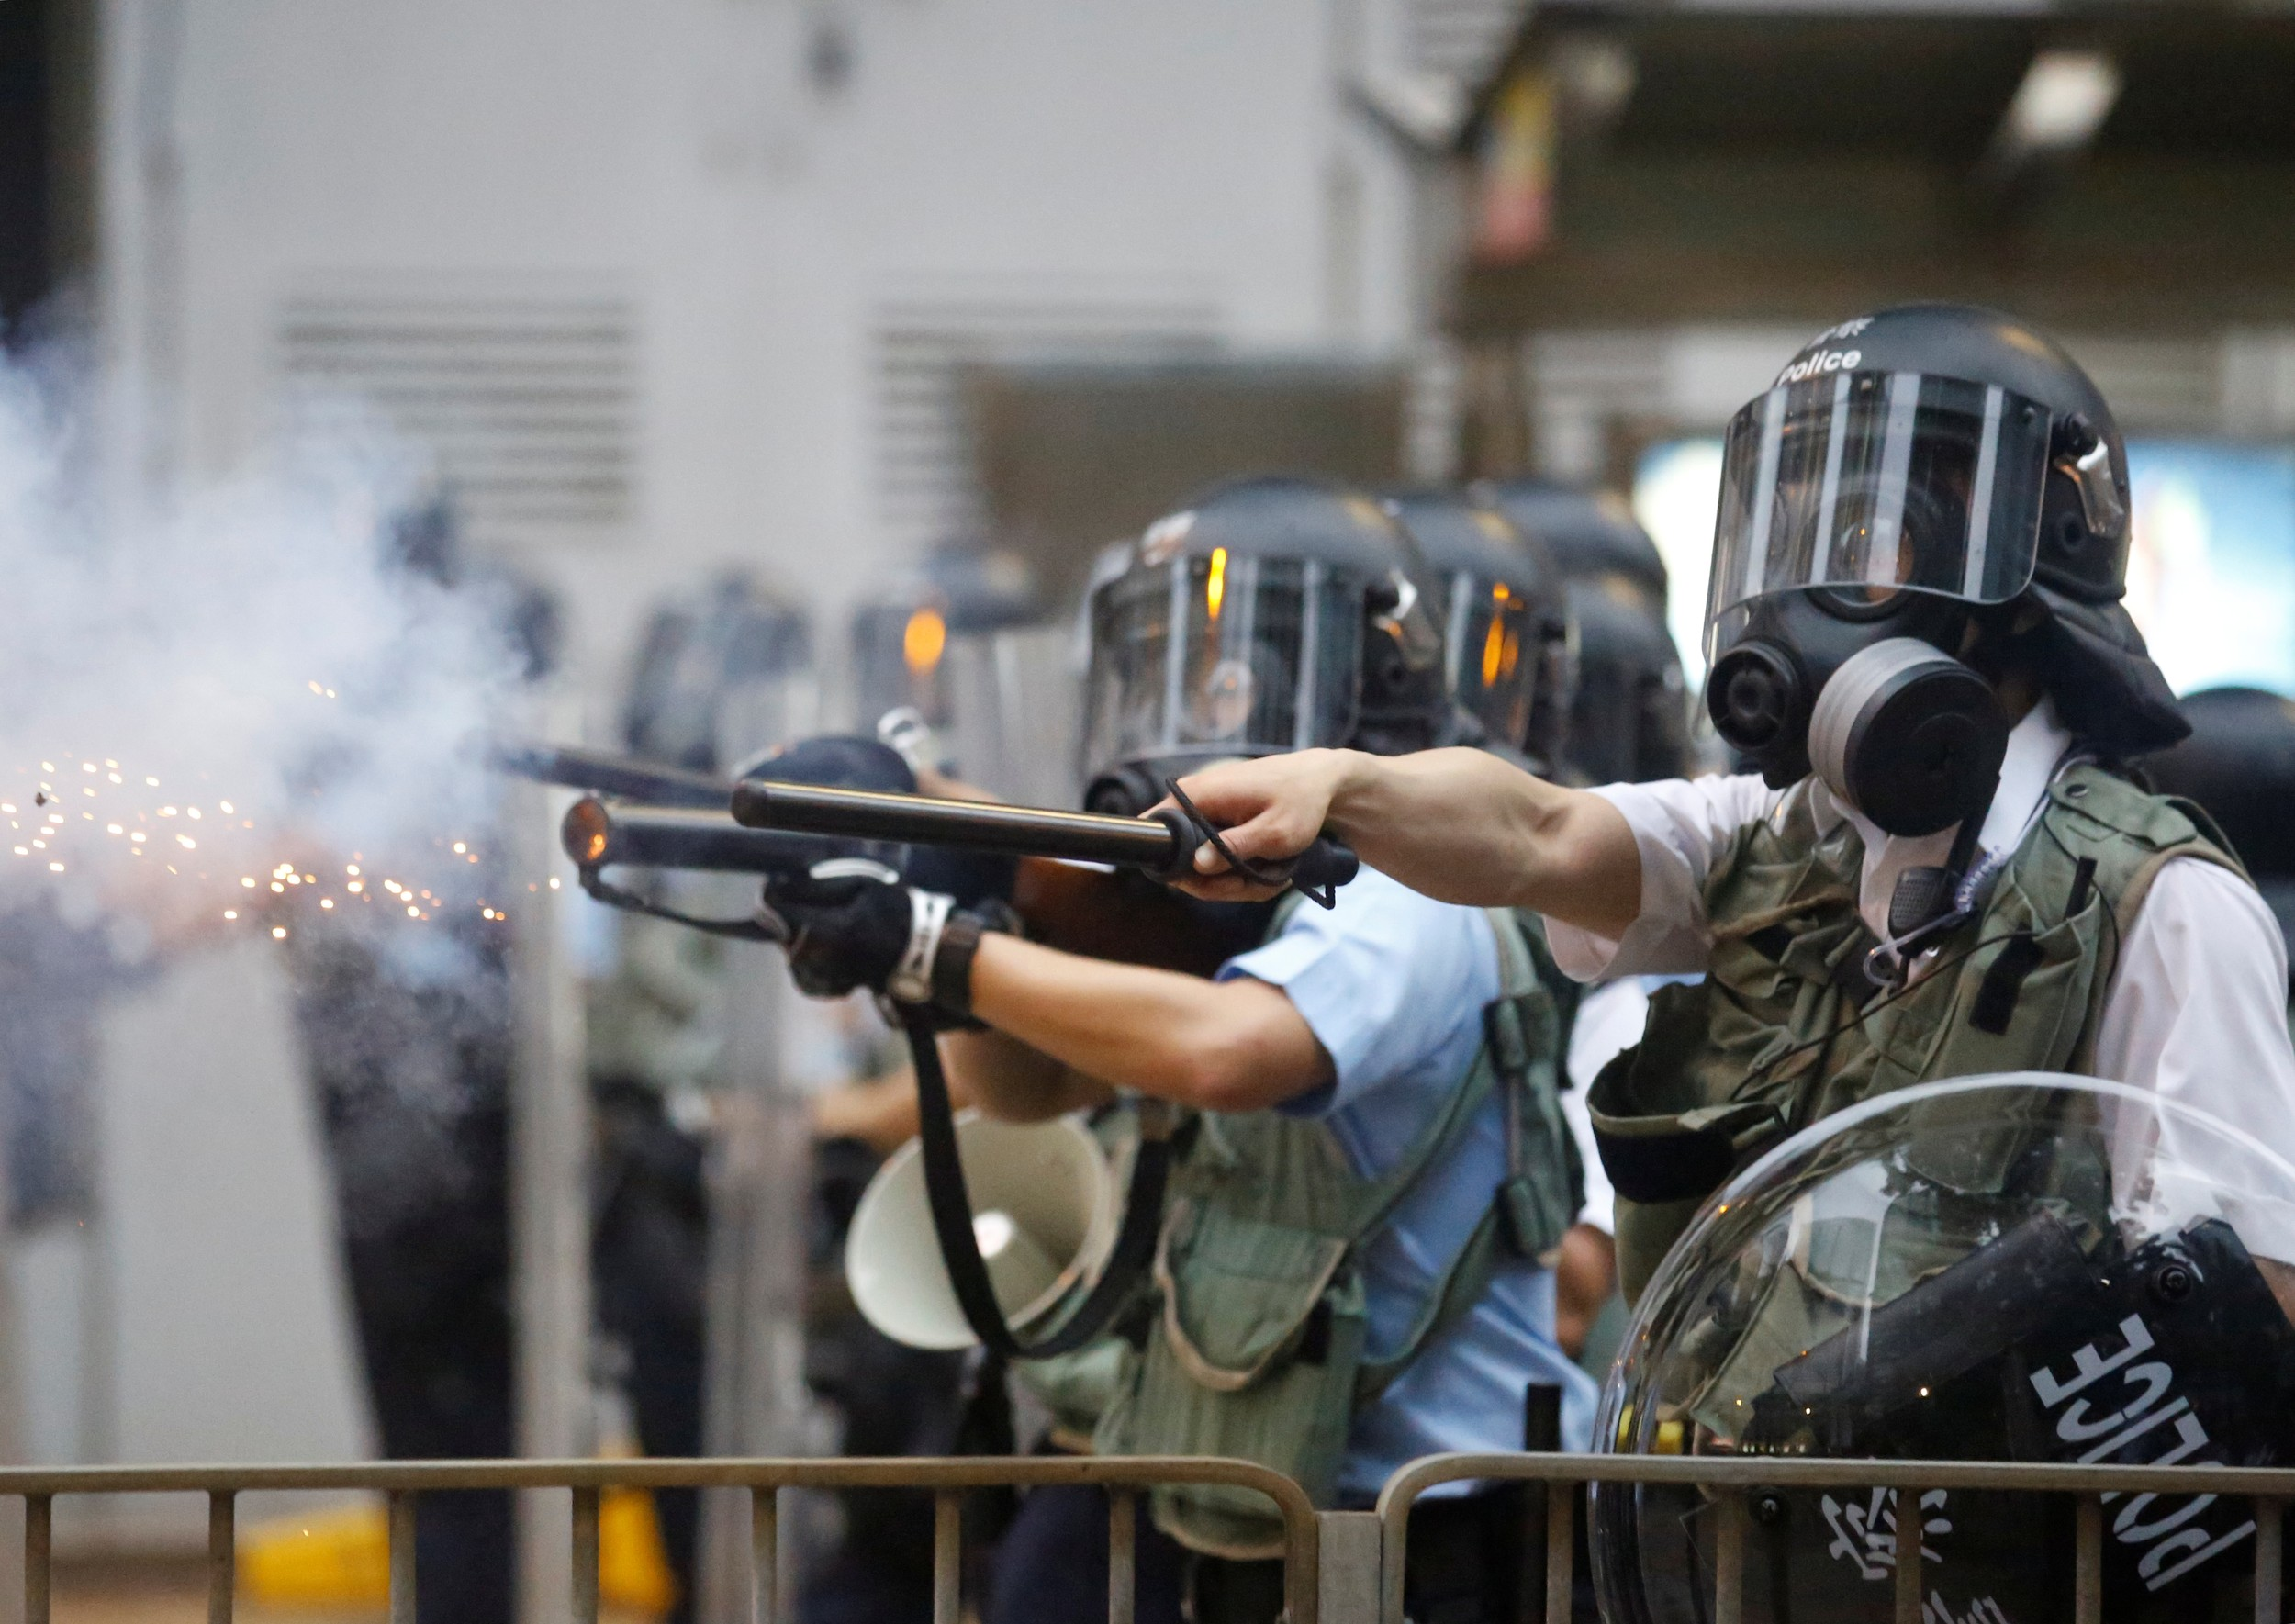 2019年6月12日,香港市民反《逃犯条例》的示威活动中,警察向示威者发射催泪弹。(路透社)